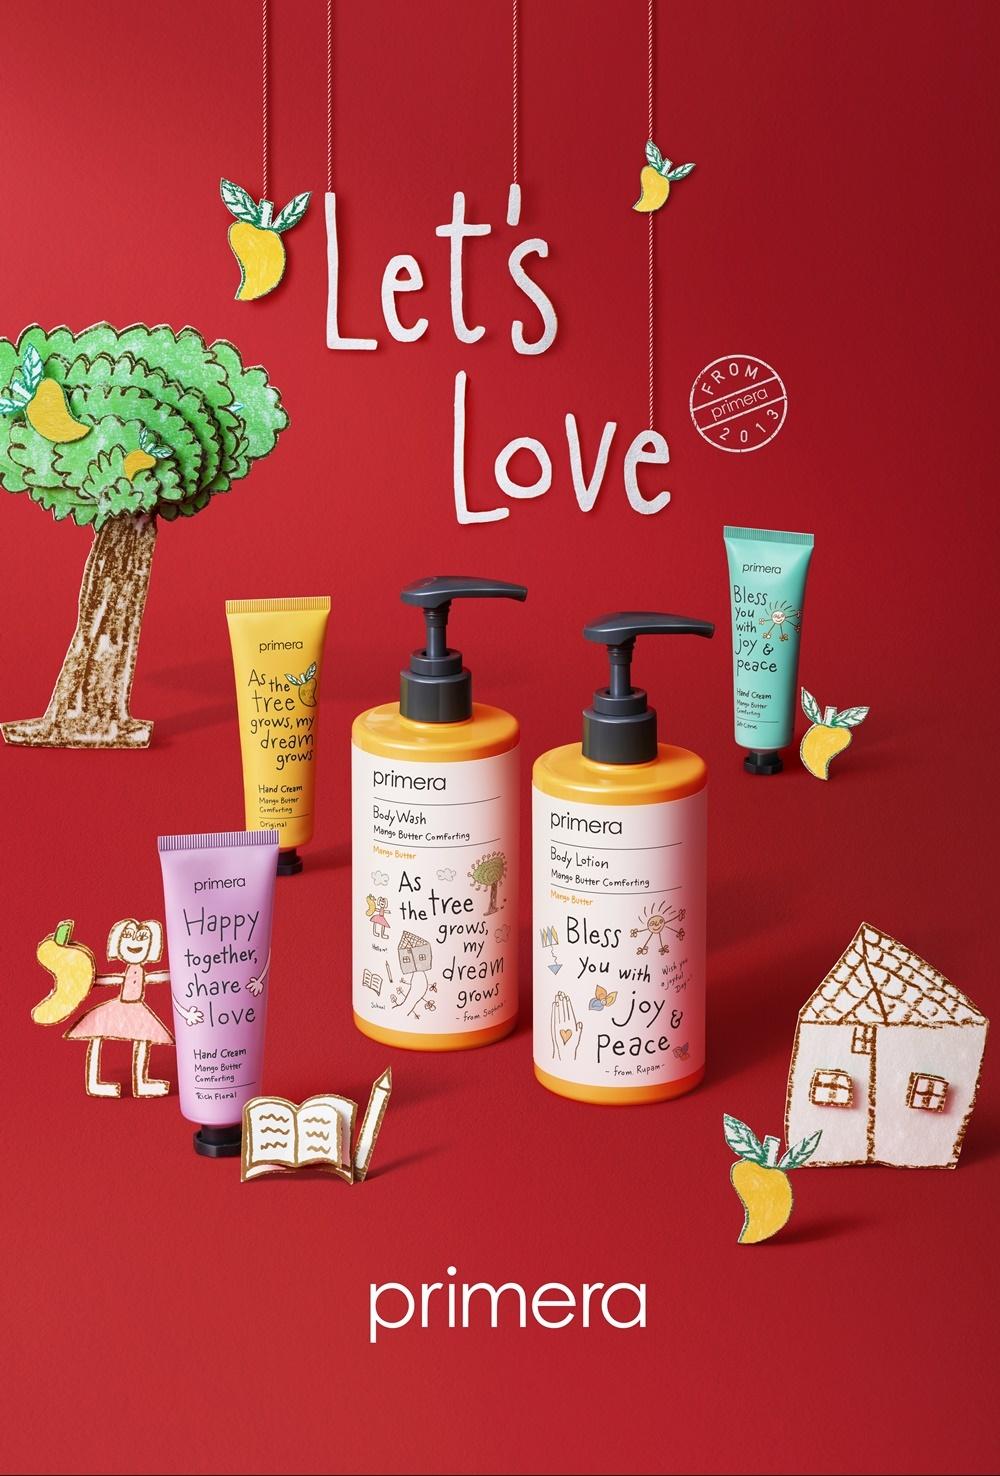 Campaign image for Primera (Amorepacific)